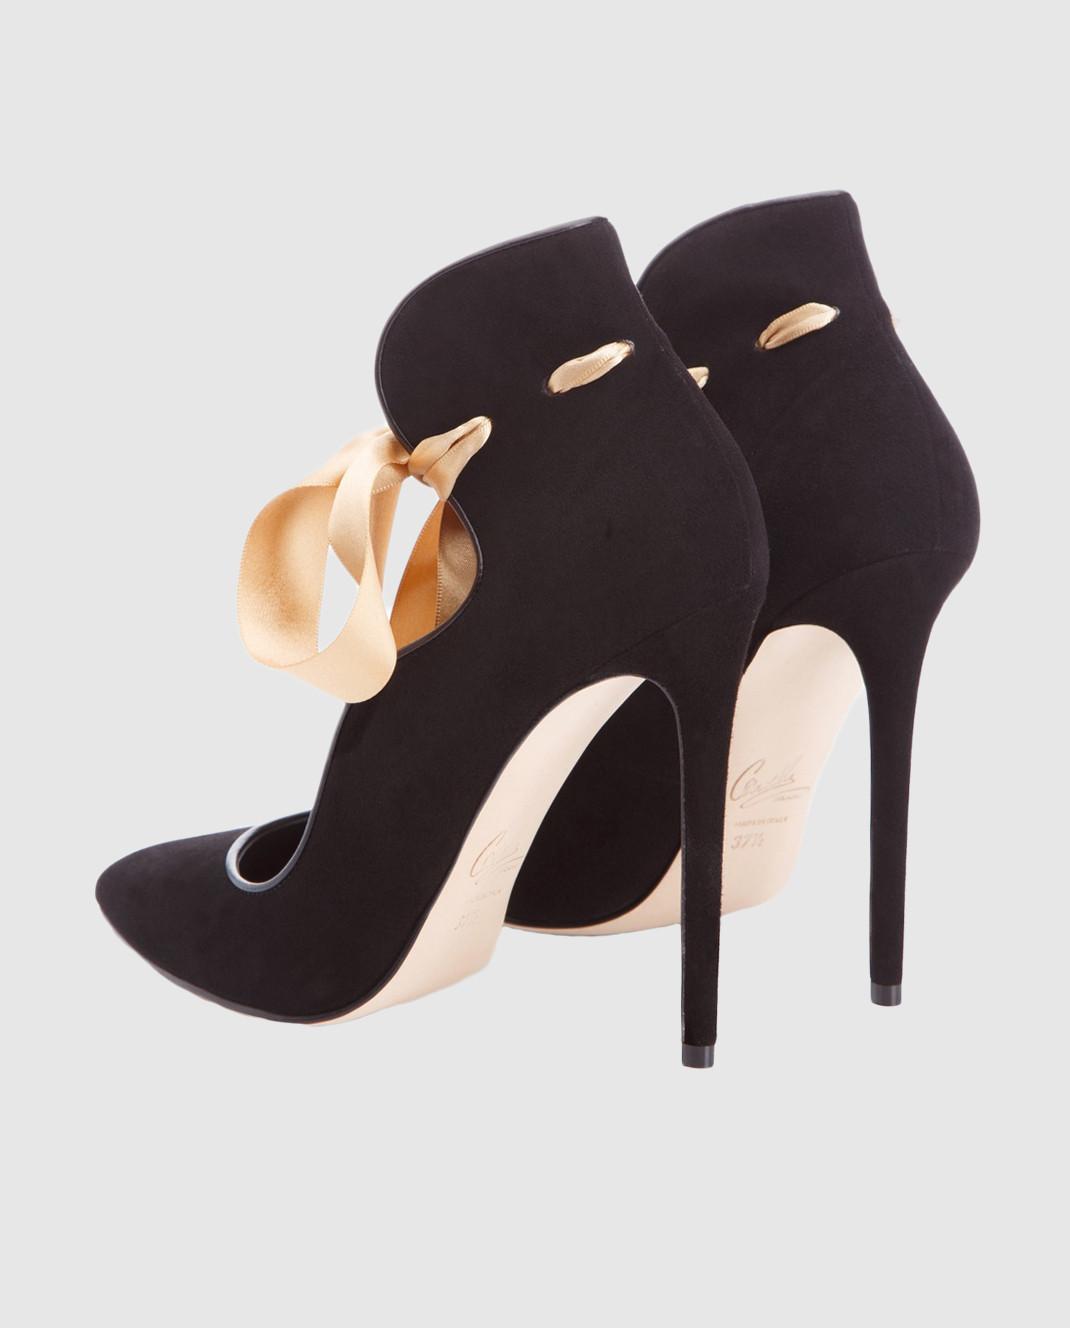 Cerasella Черные замшевые туфли MELISSA MELISSA изображение 4